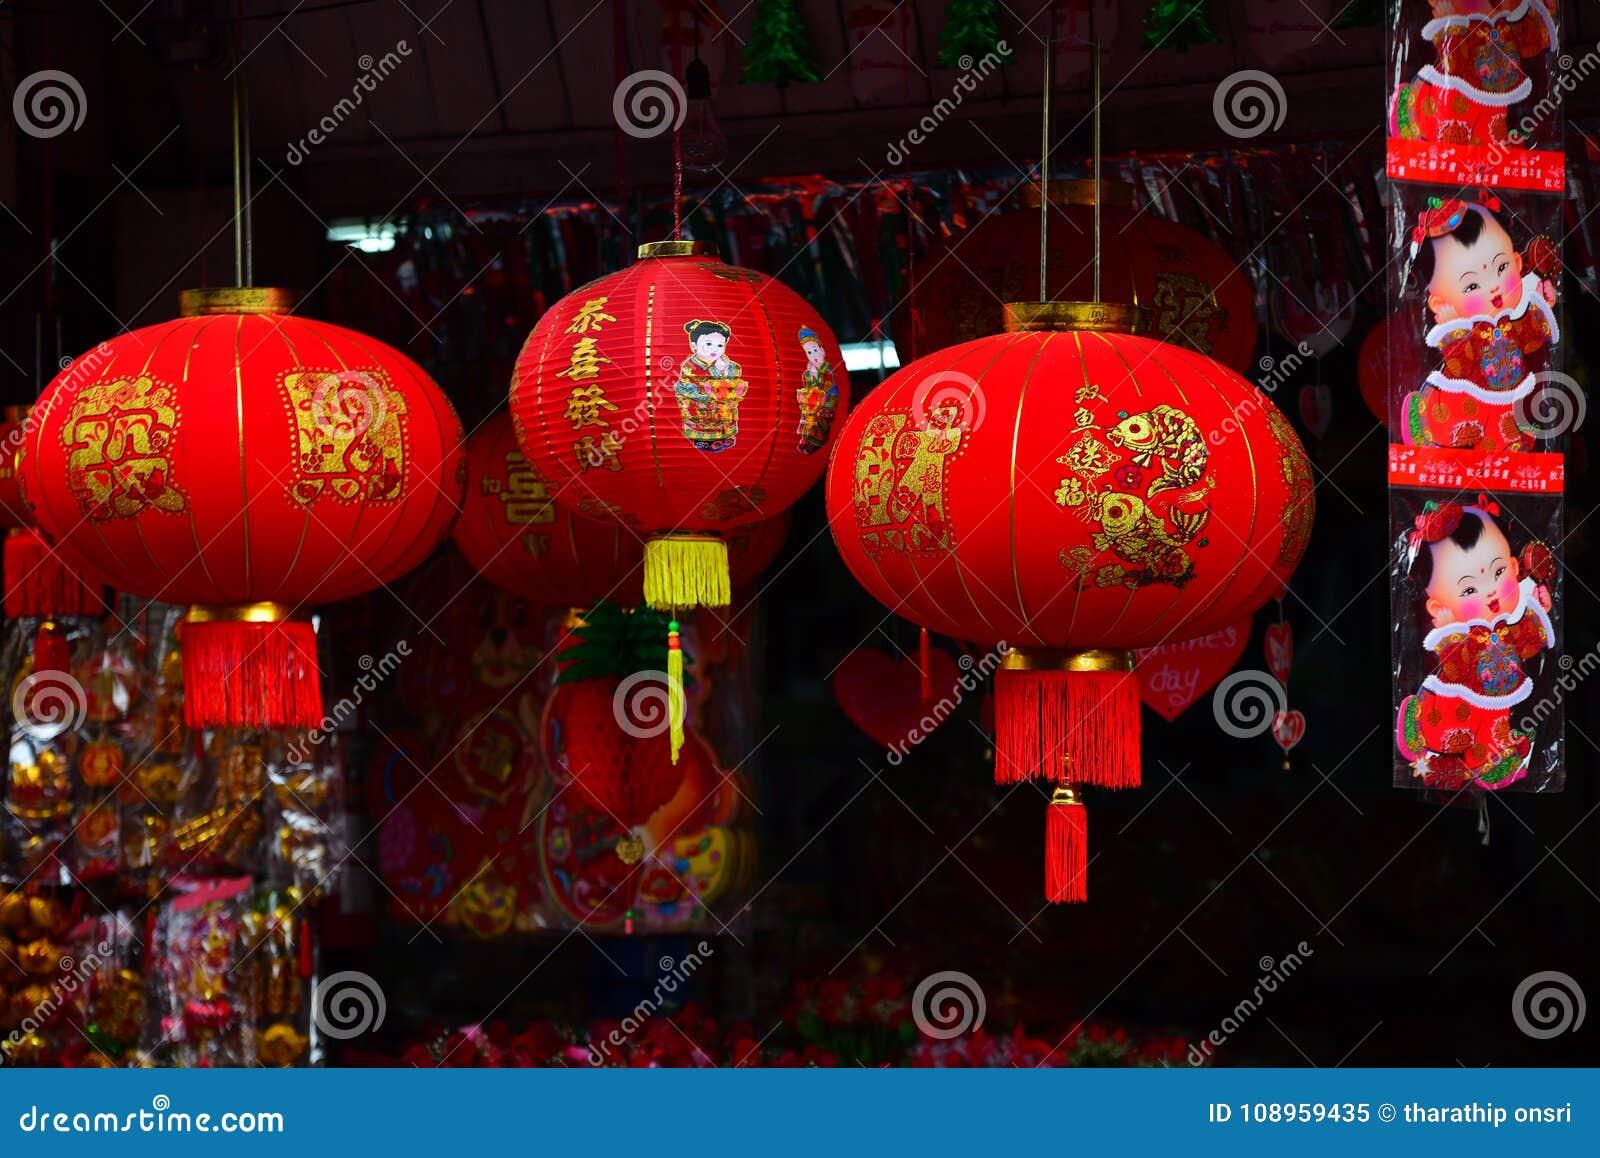 Lampen und rote Kleider für Gebrauch während des Chinesischen Neujahrsfests